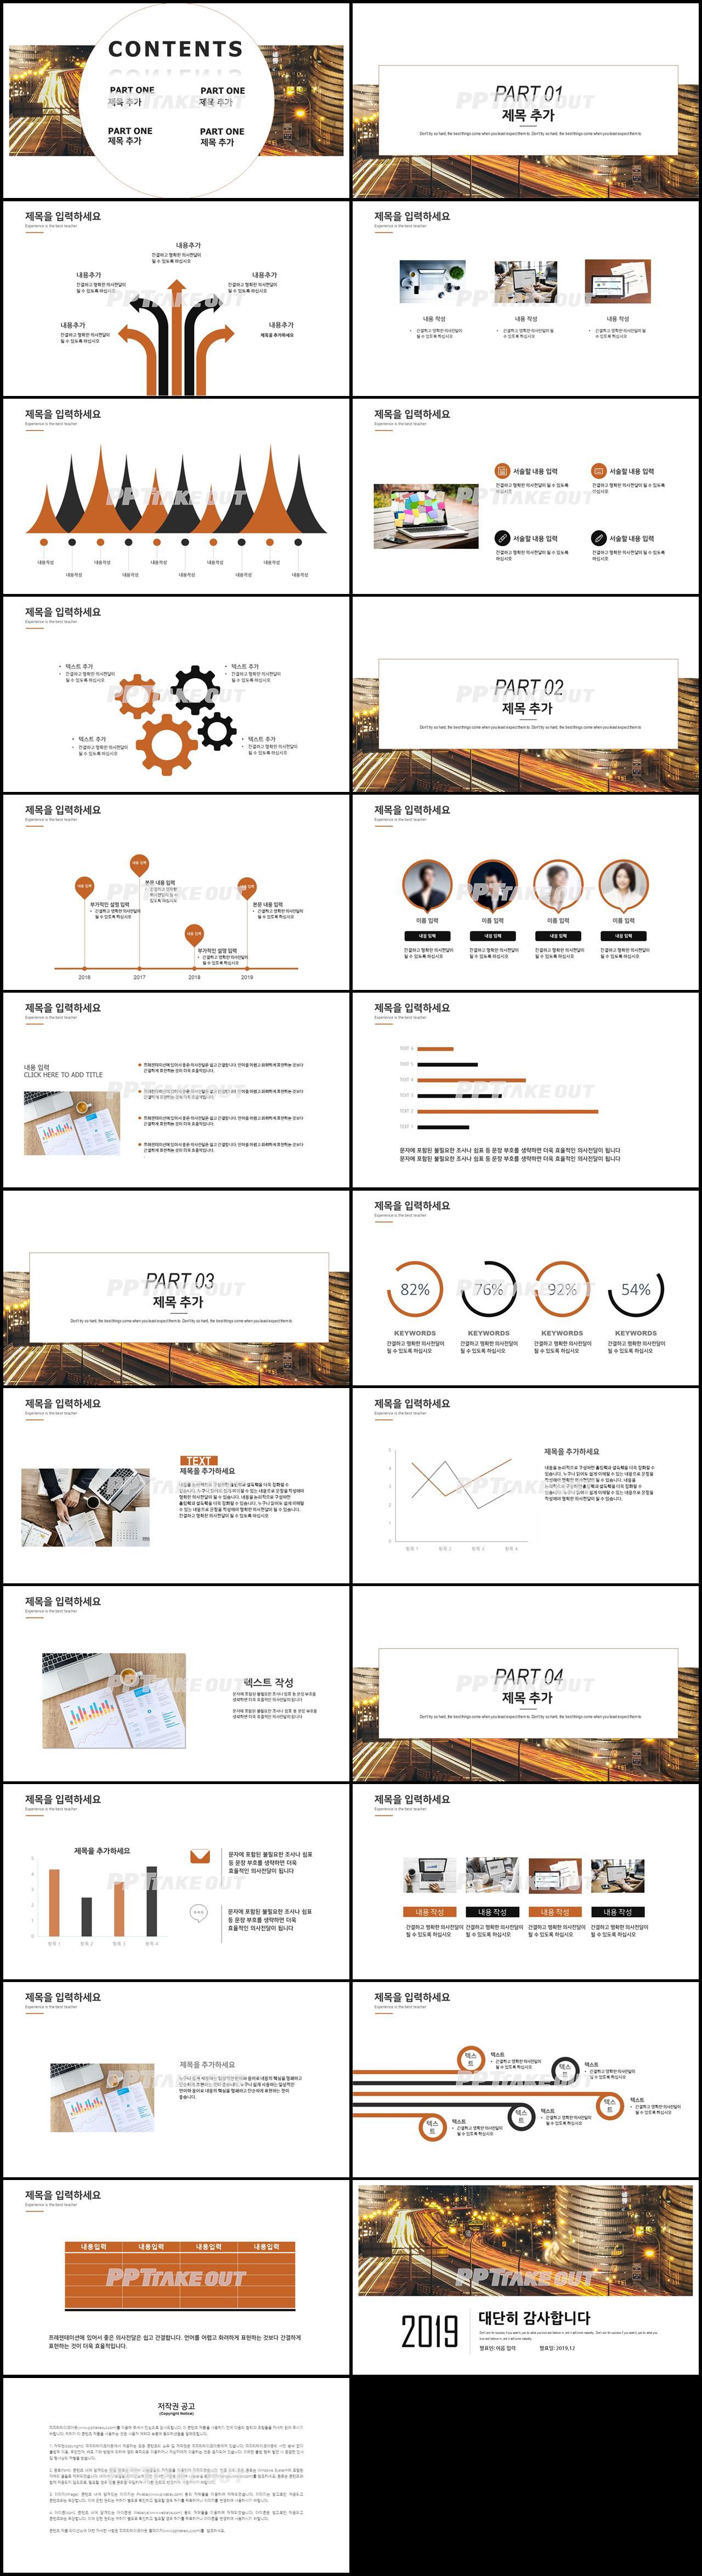 사업제안서 등황색 스타일 나는 프레젠테이션 POWERPOINT서식 만들기 상세보기